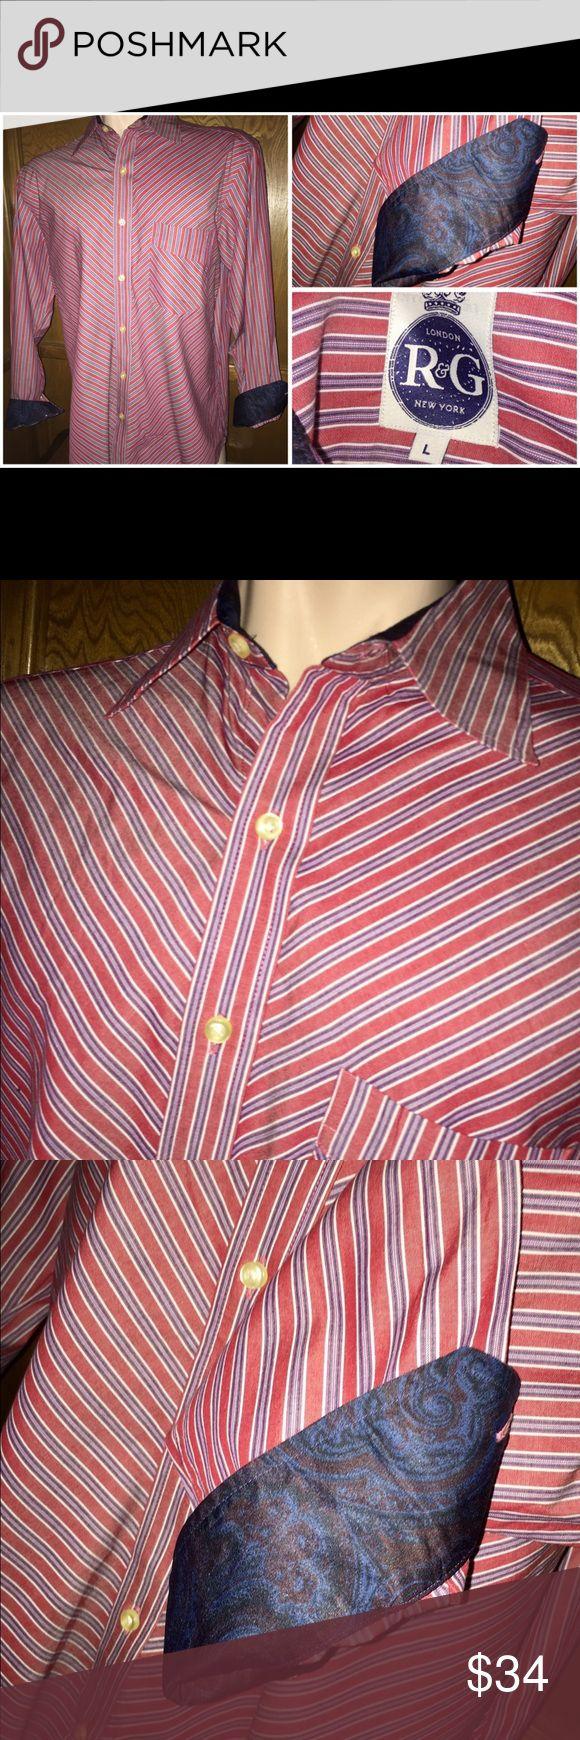 ROBERT GRAHAM R & G Red Striped Flip Cuff Shirt L ROBERT GRAHAM R & G Red Striped Flip Cuff Shirt L Robert Graham Shirts Casual Button Down Shirts